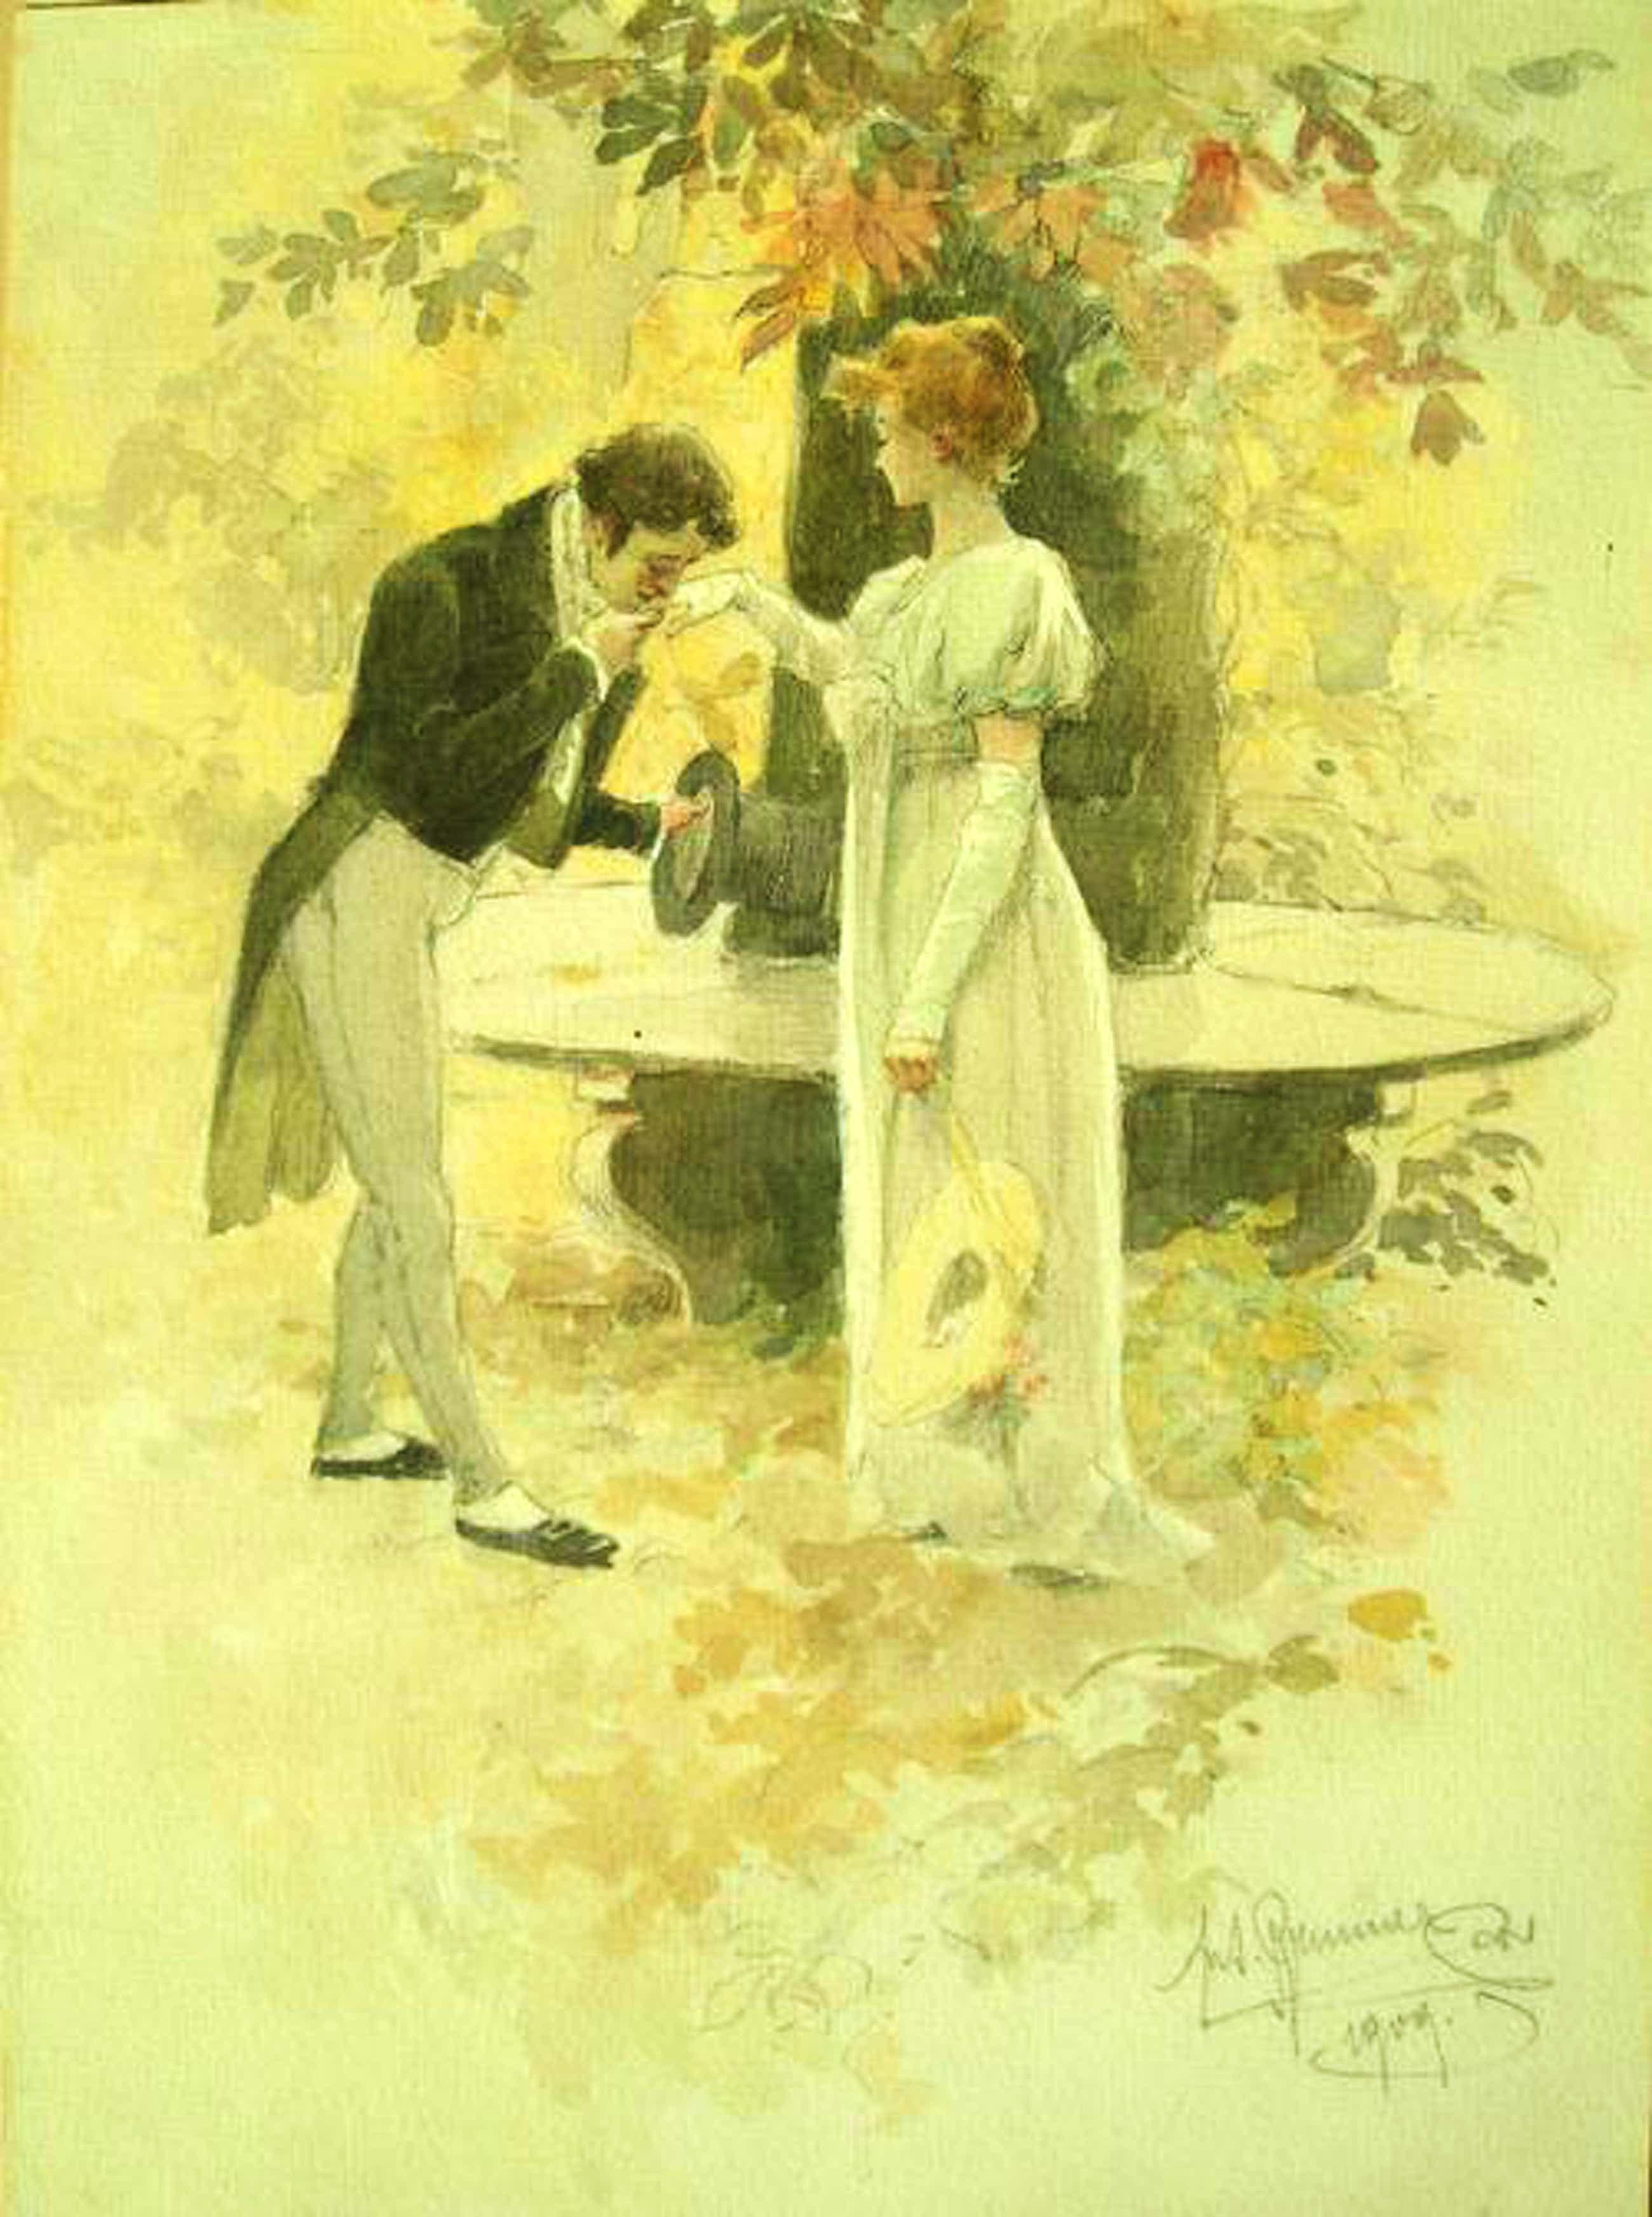 Antonin Brunner - Der Kavalier und seine Angebetete, Aquarell von 1909 kopen? Bied vanaf 580!